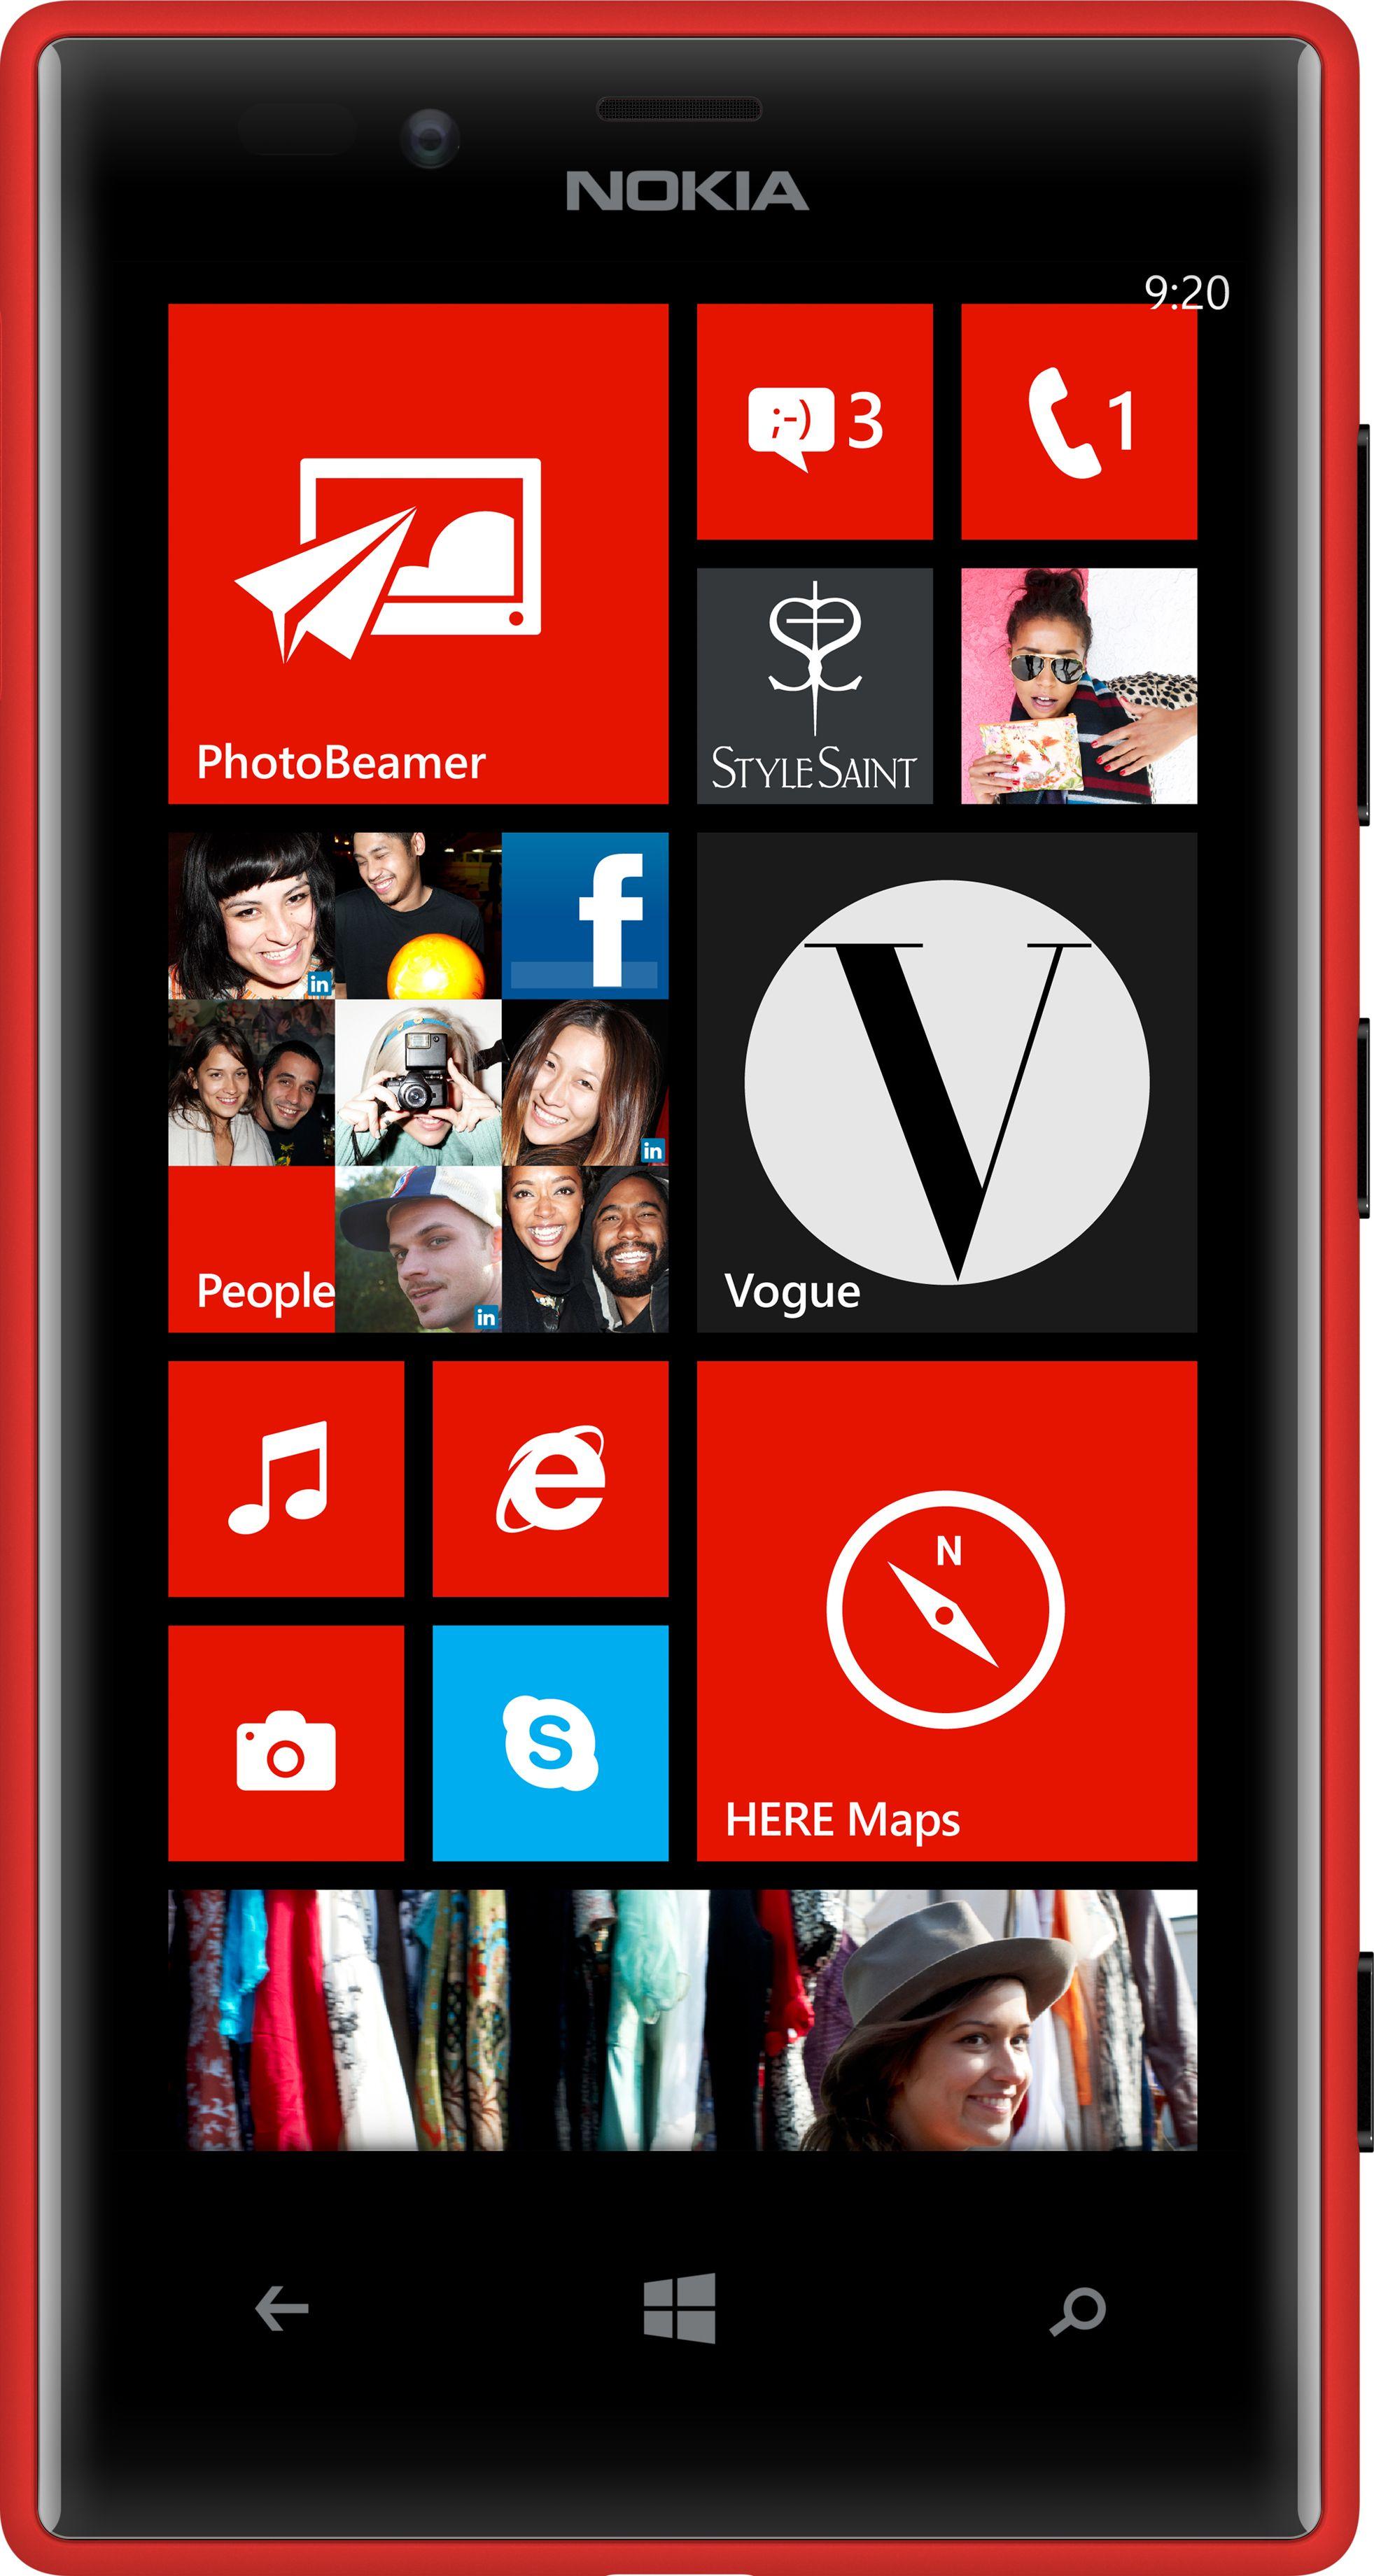 Nokia Lumia 720 Description